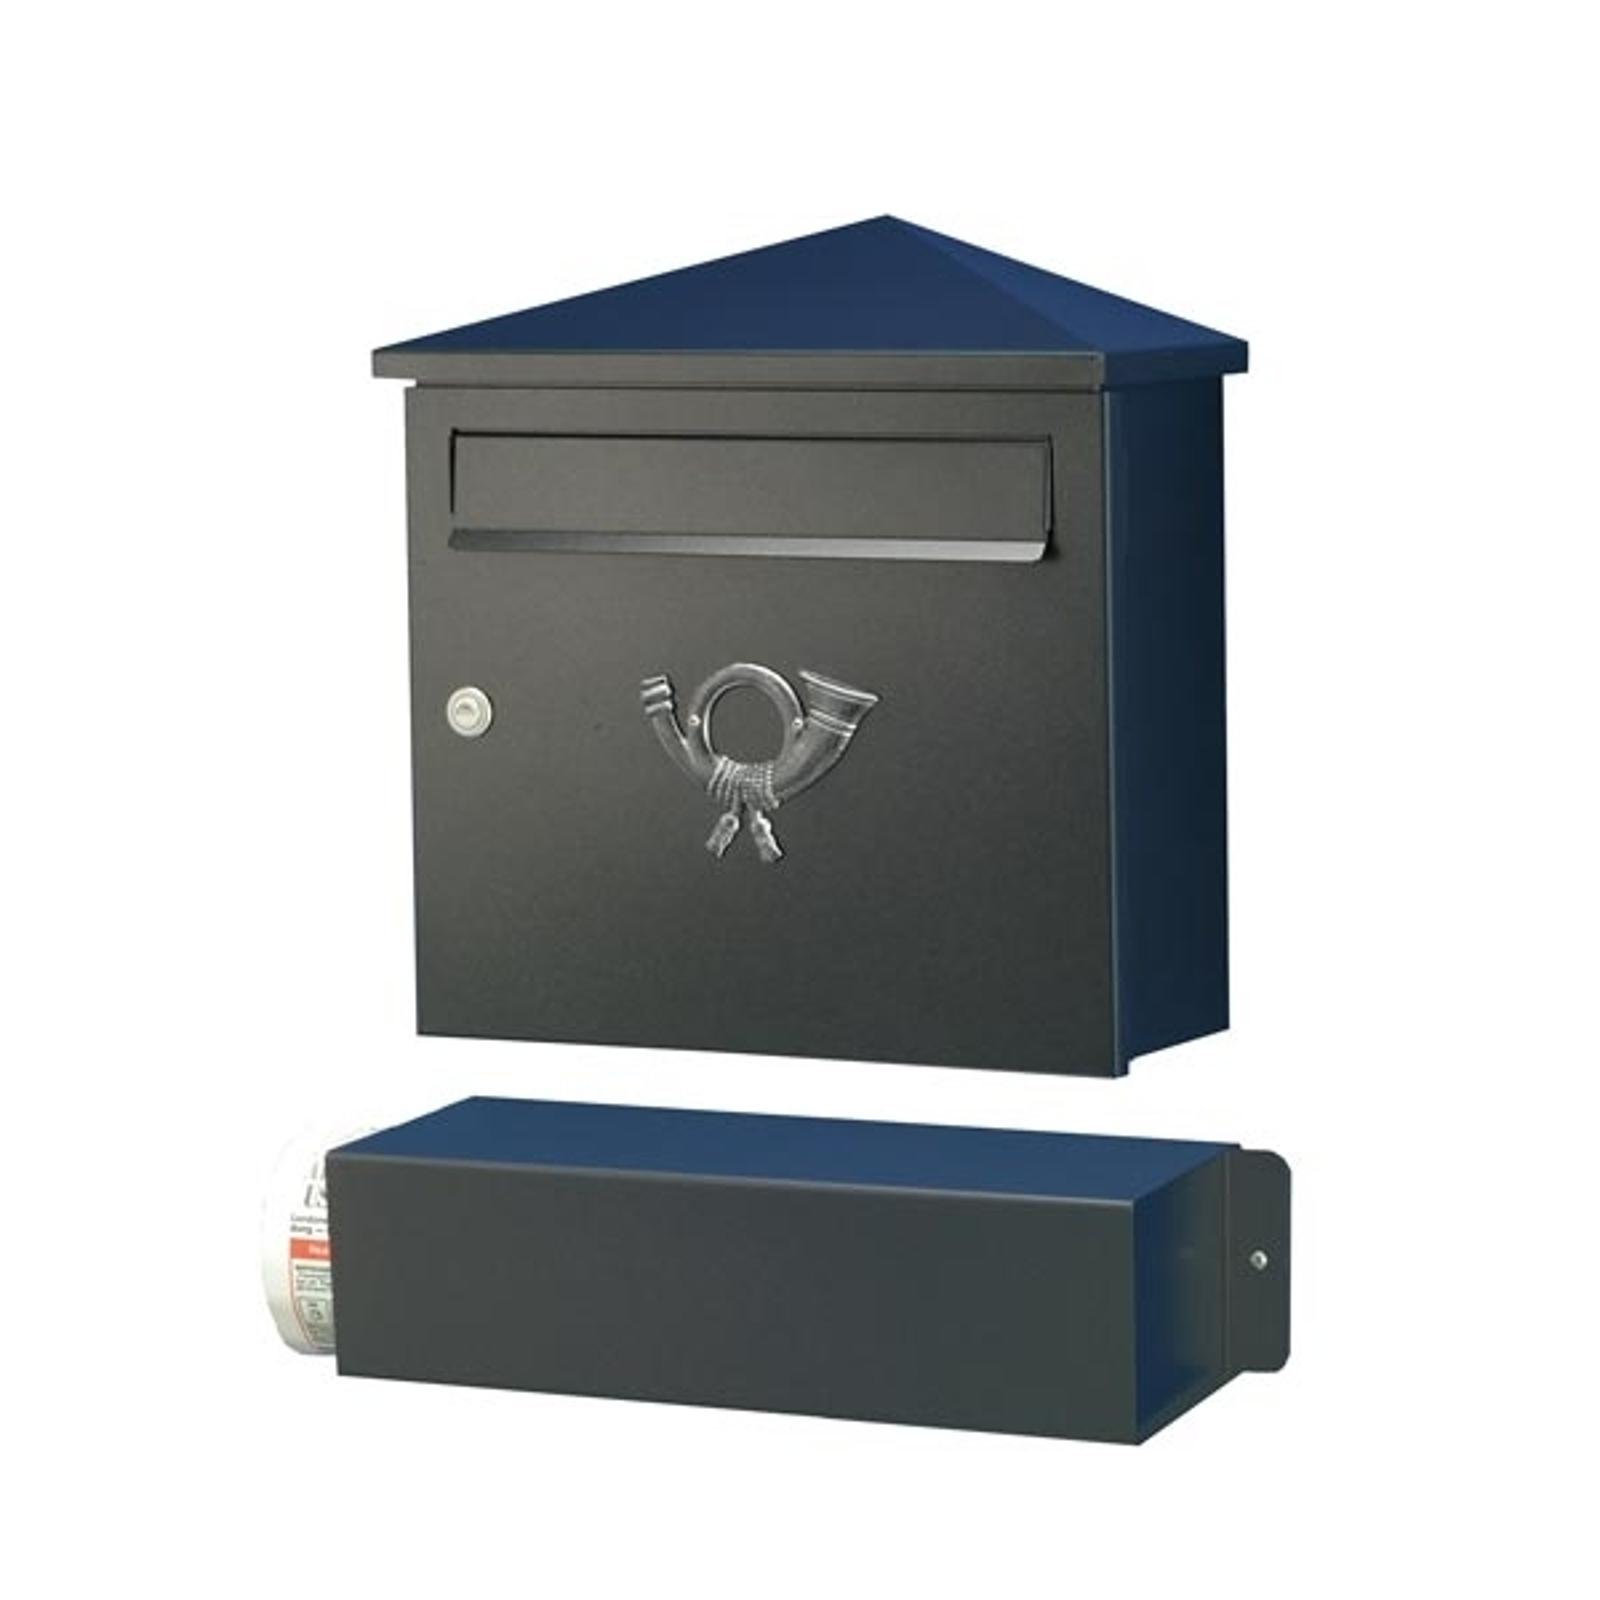 Boîte aux lettres LUCIO noire